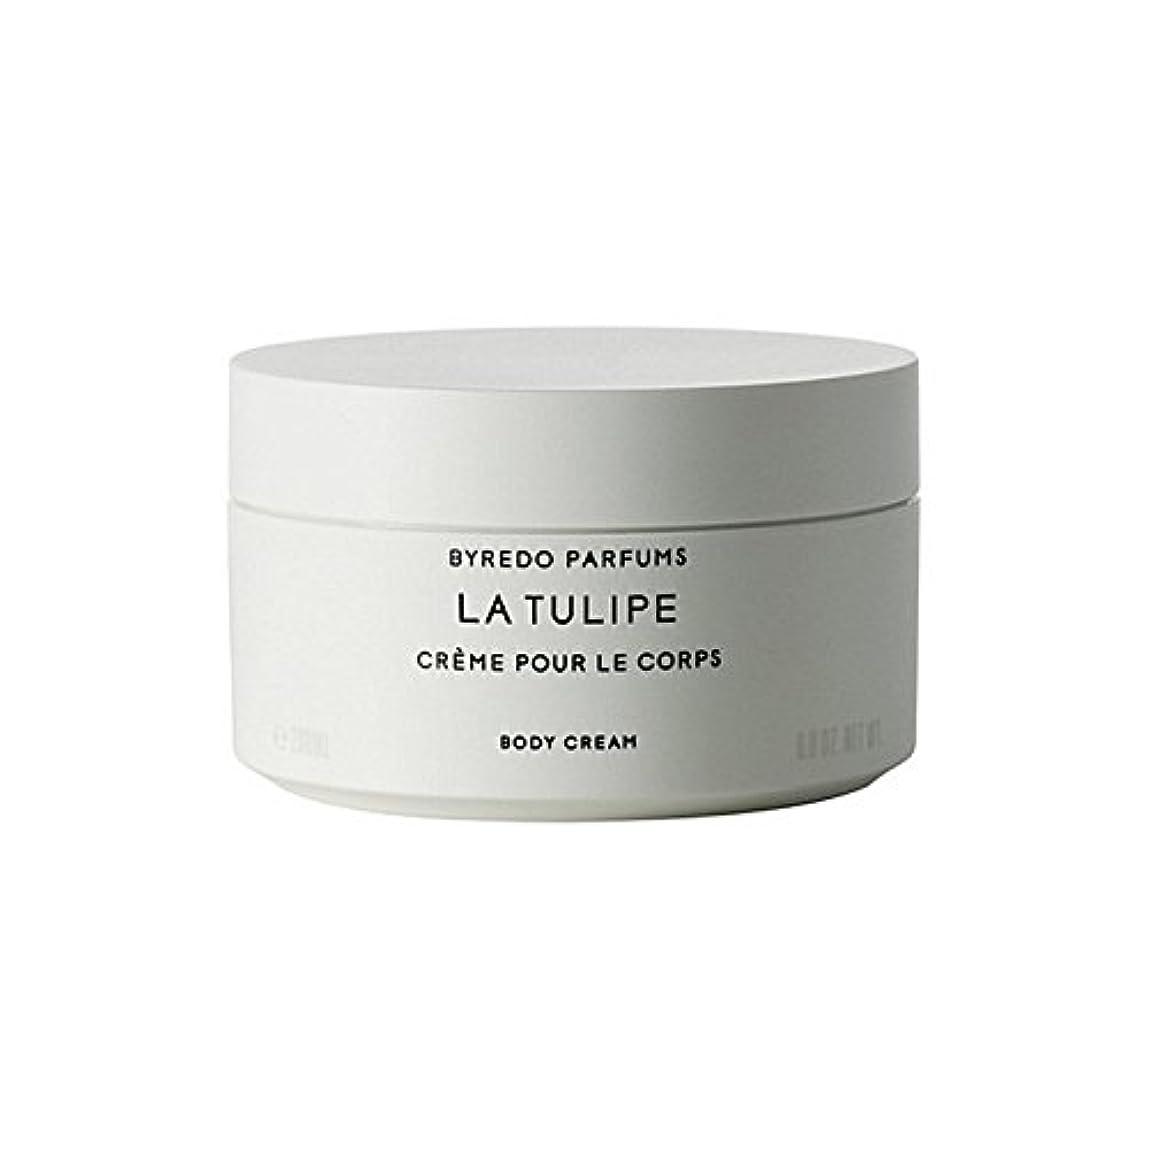 責任者家庭インフレーションラチューリップボディクリーム200ミリリットル x2 - Byredo La Tulipe Body Cream 200ml (Pack of 2) [並行輸入品]